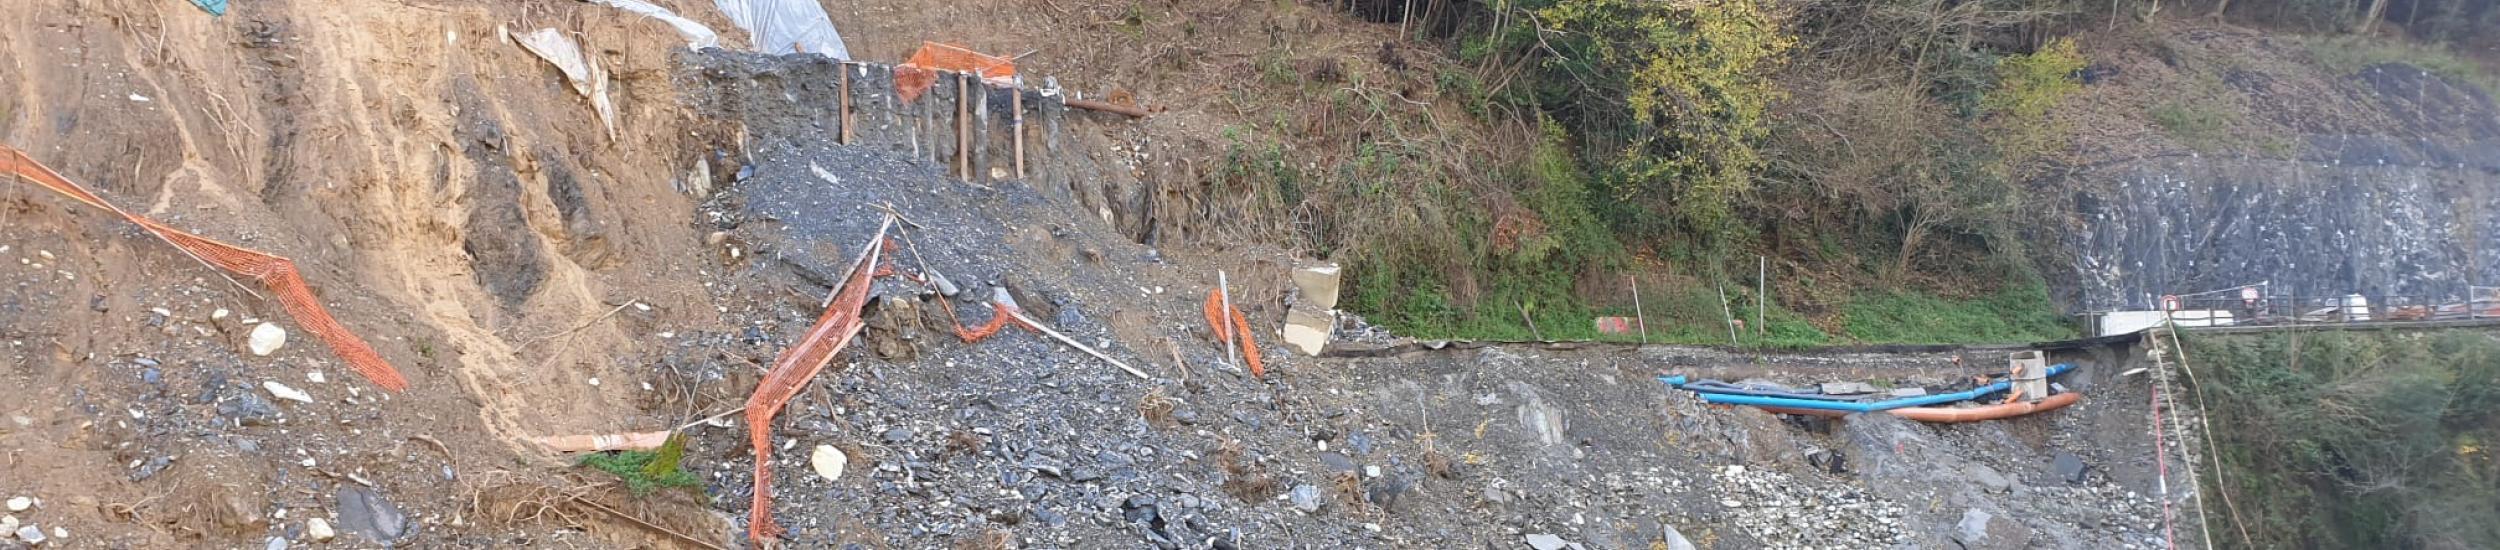 News: SP4 dei Piani di Praglia. Individuate le risorse per la ricostruzione in località Santa Marta.